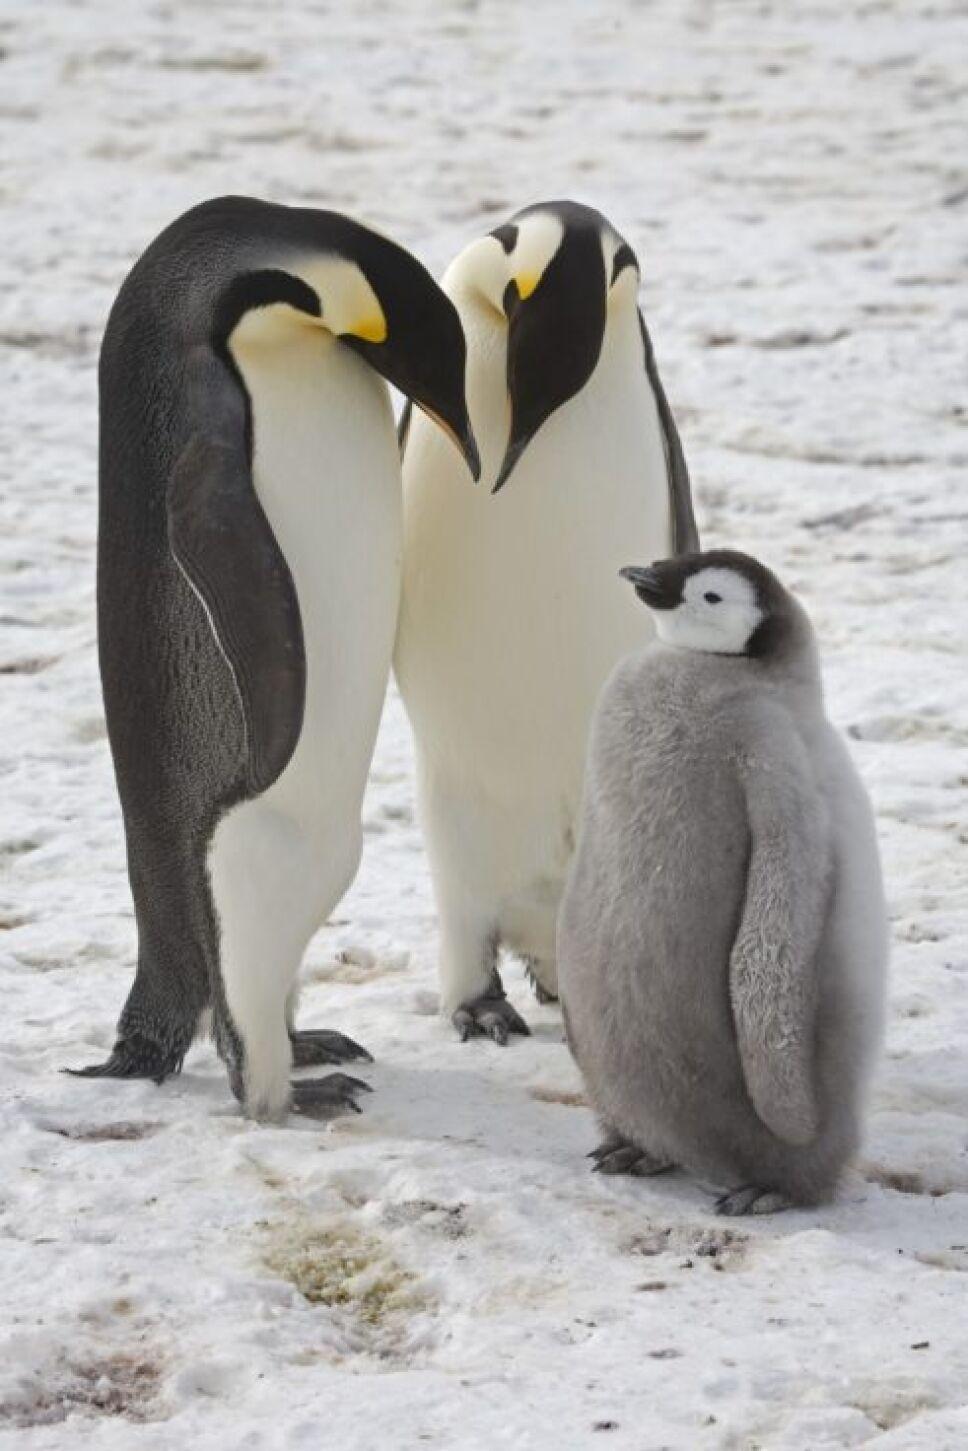 Mueren miles de crías de pingüinos en la Antártida por el cambio climático